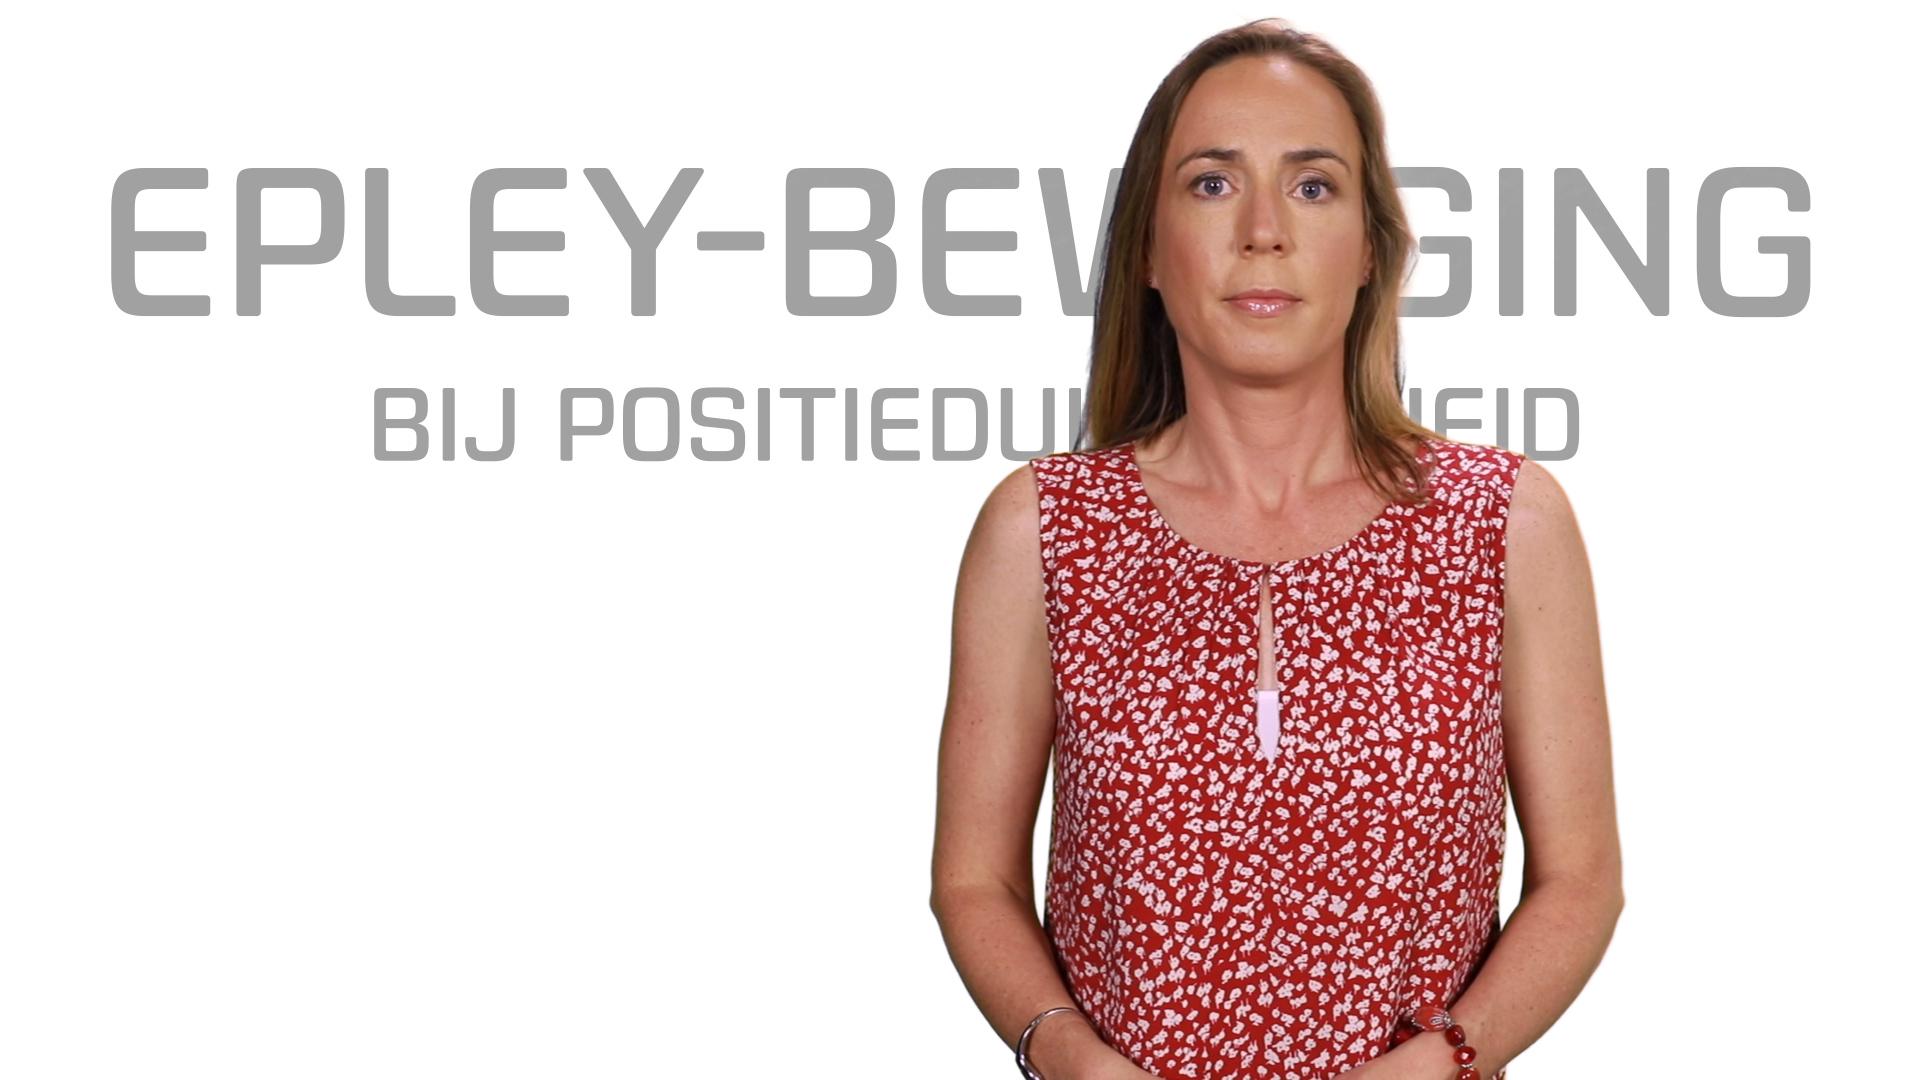 Bekijk de video: Epley oefeningen